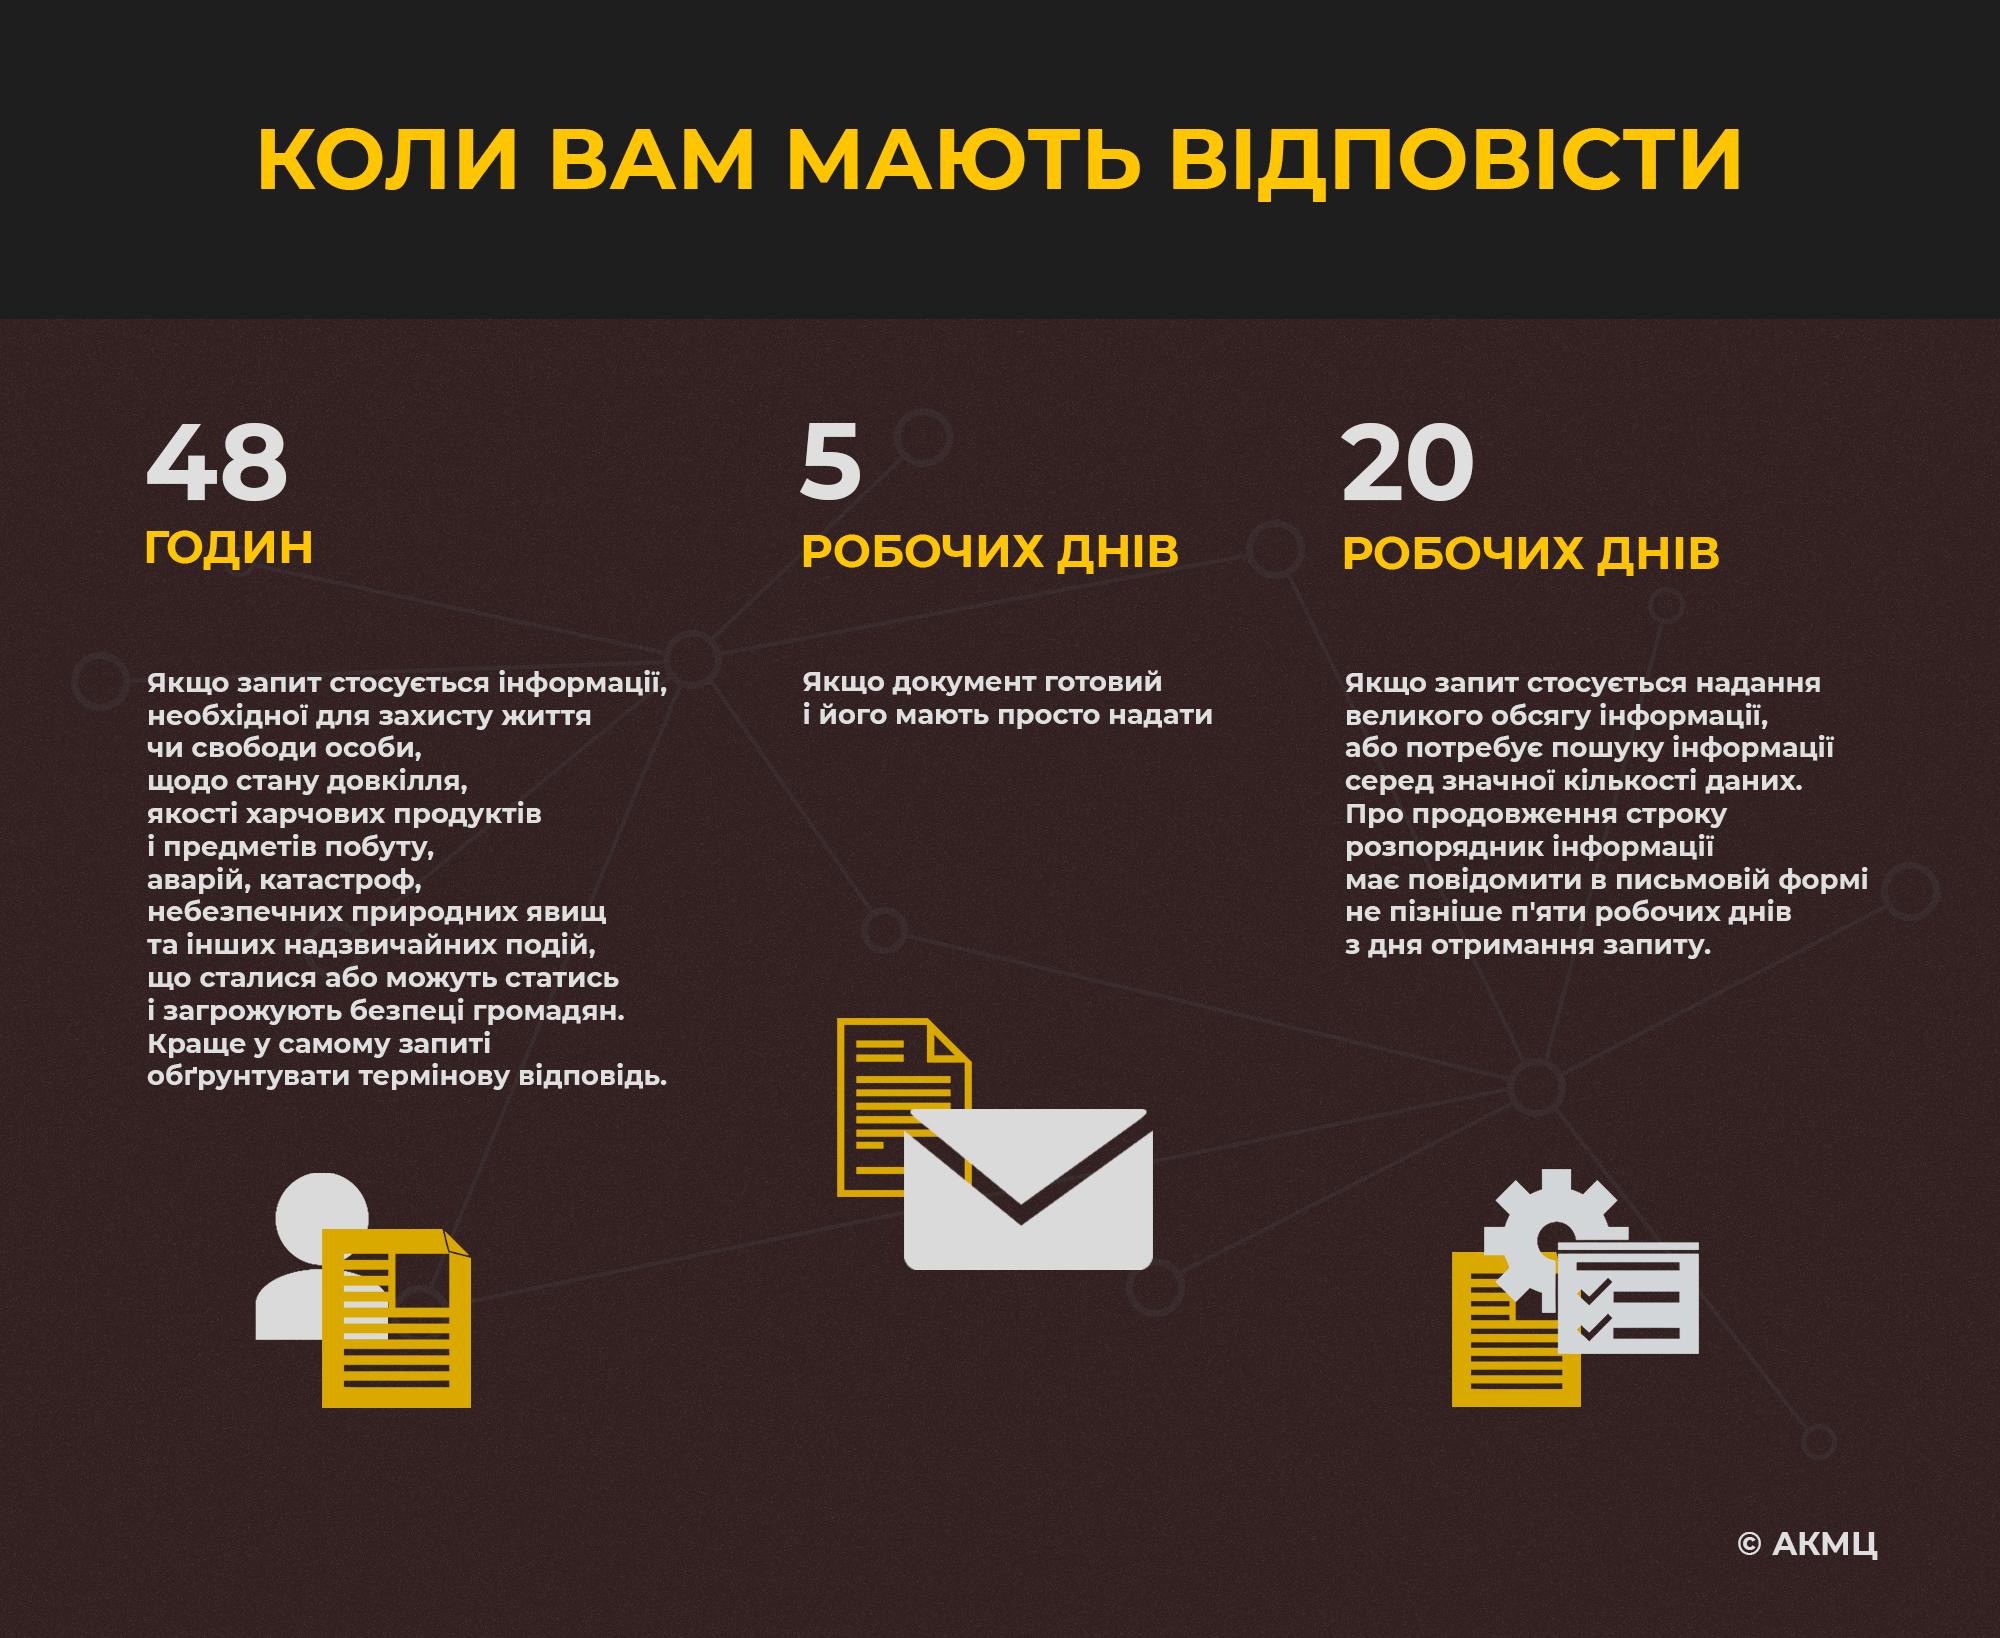 Як отримати від влади публічну інформацію - Фото №2